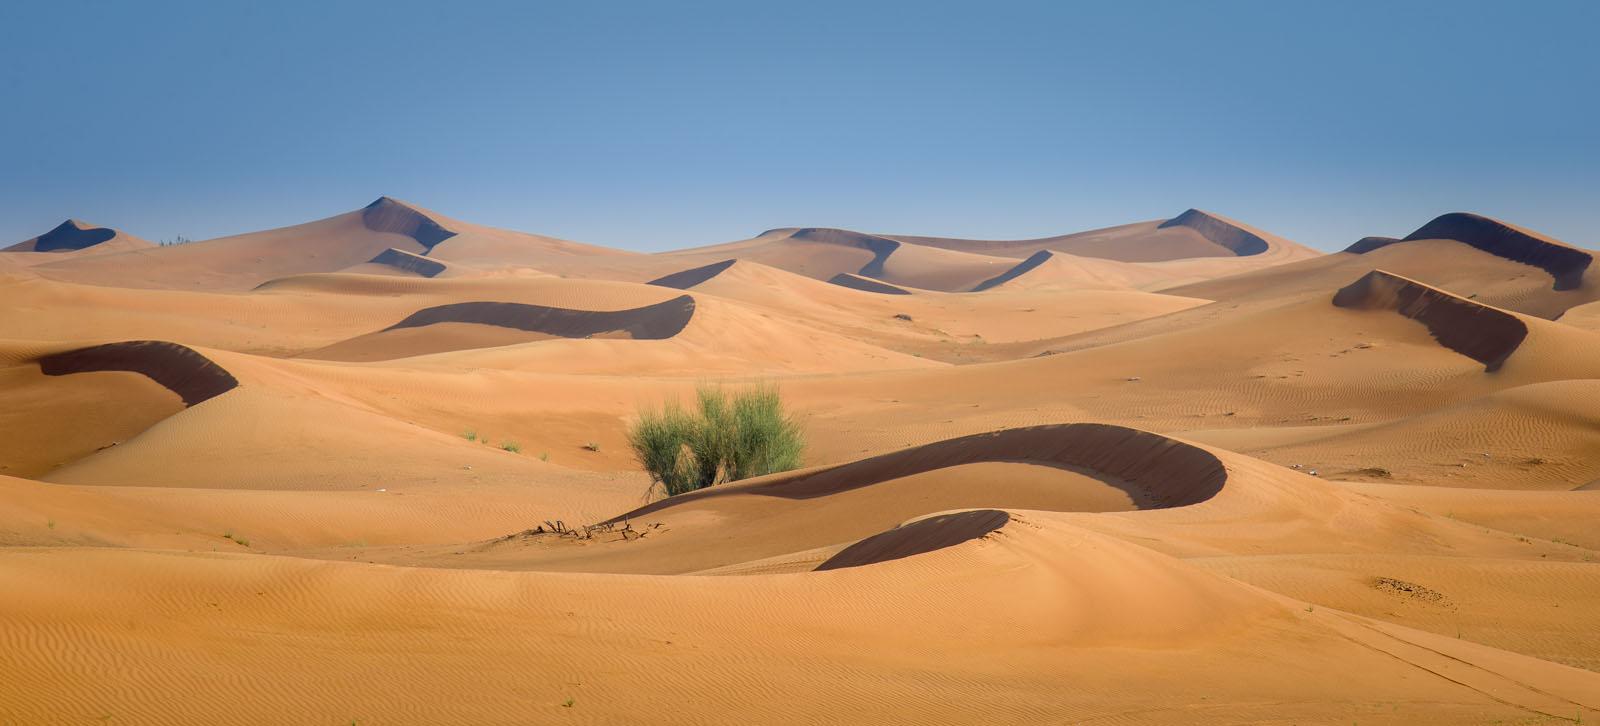 Картинки про пустыню для детей